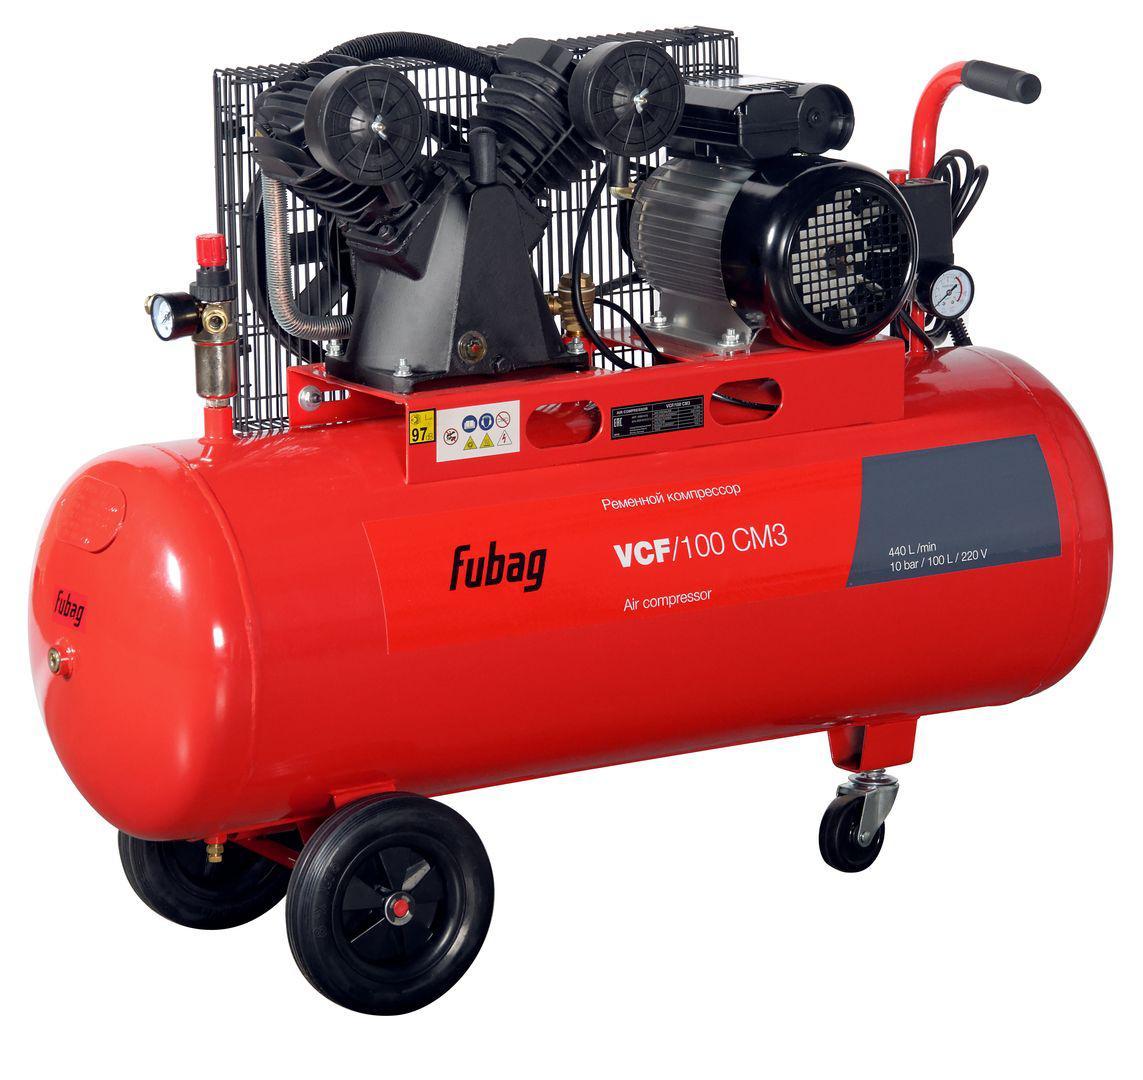 Компрессор Fubag Vcf/100 Сm3 компрессор fubag b4000b 100 см3 45681496